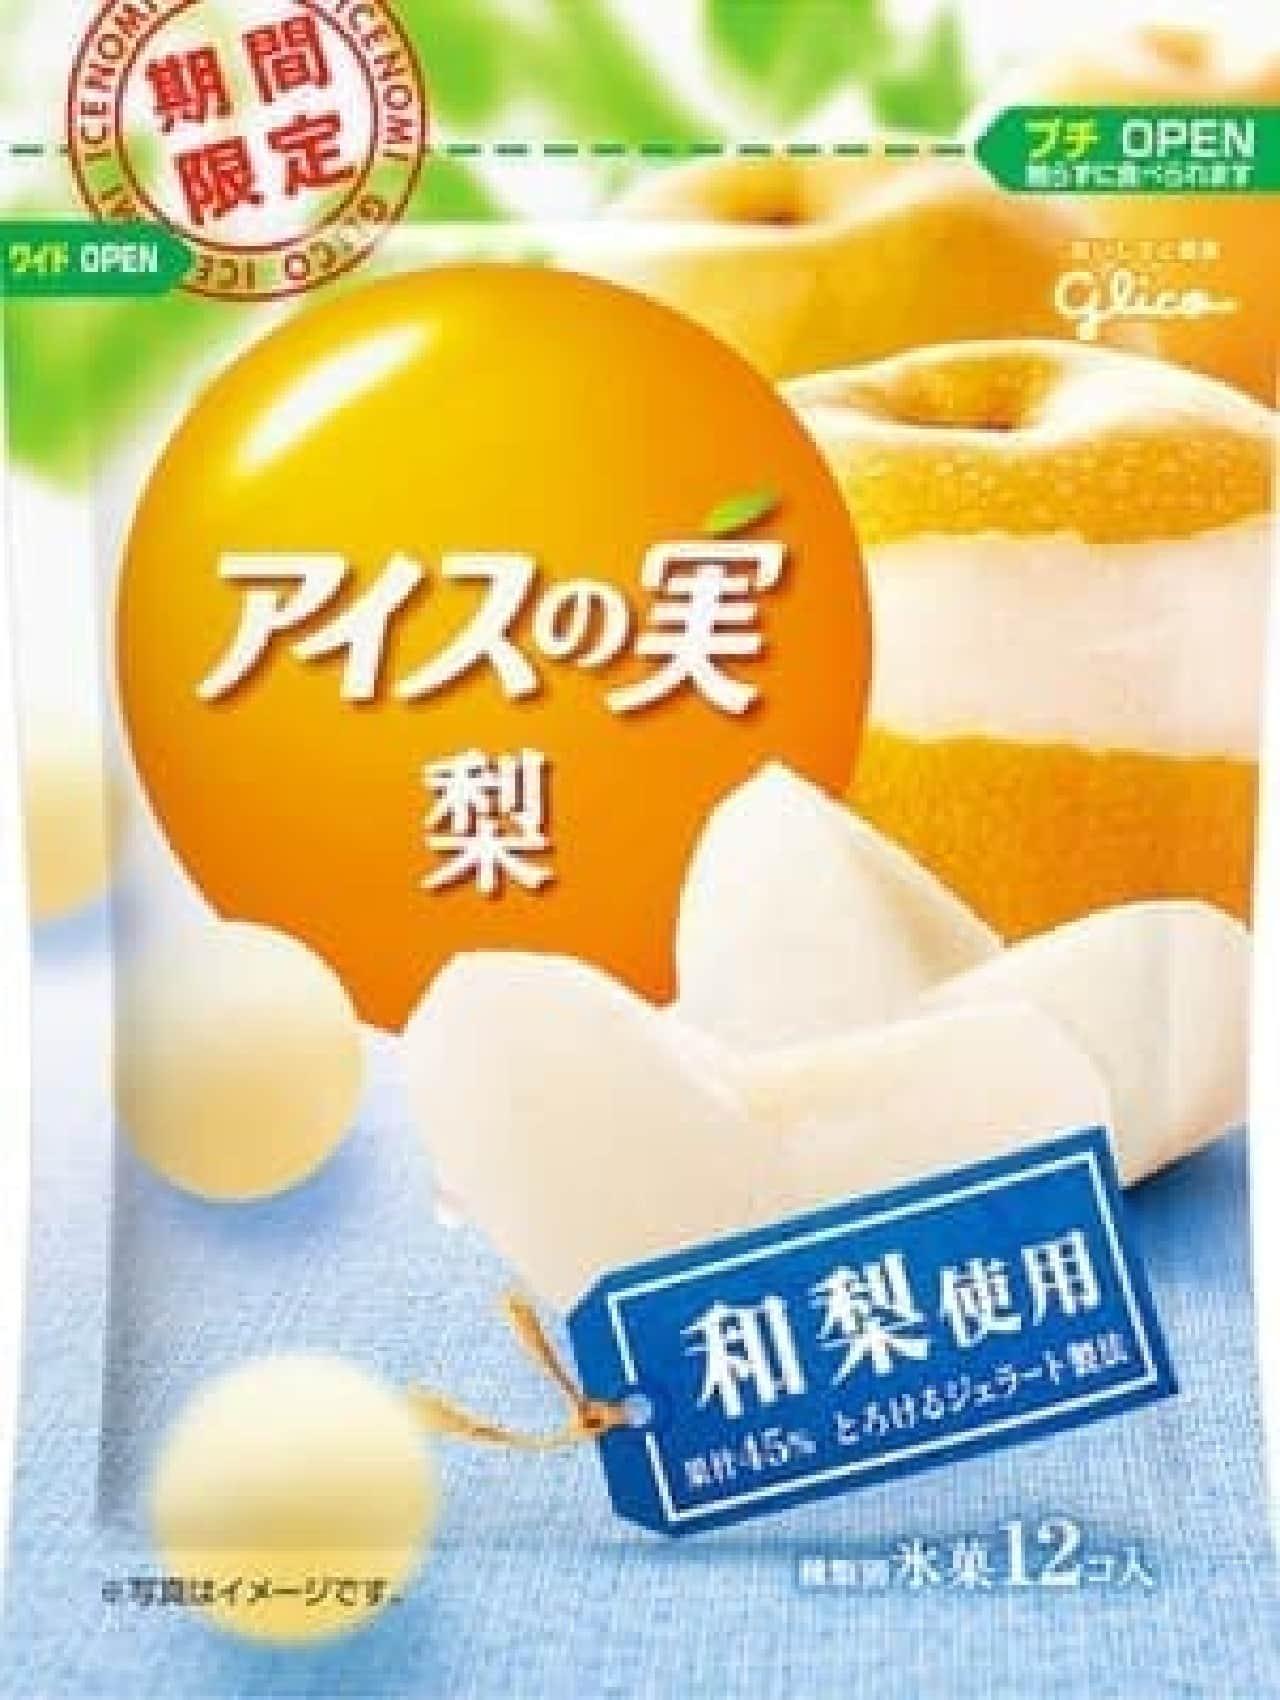 期間限定、アイスの実に「梨」味登場